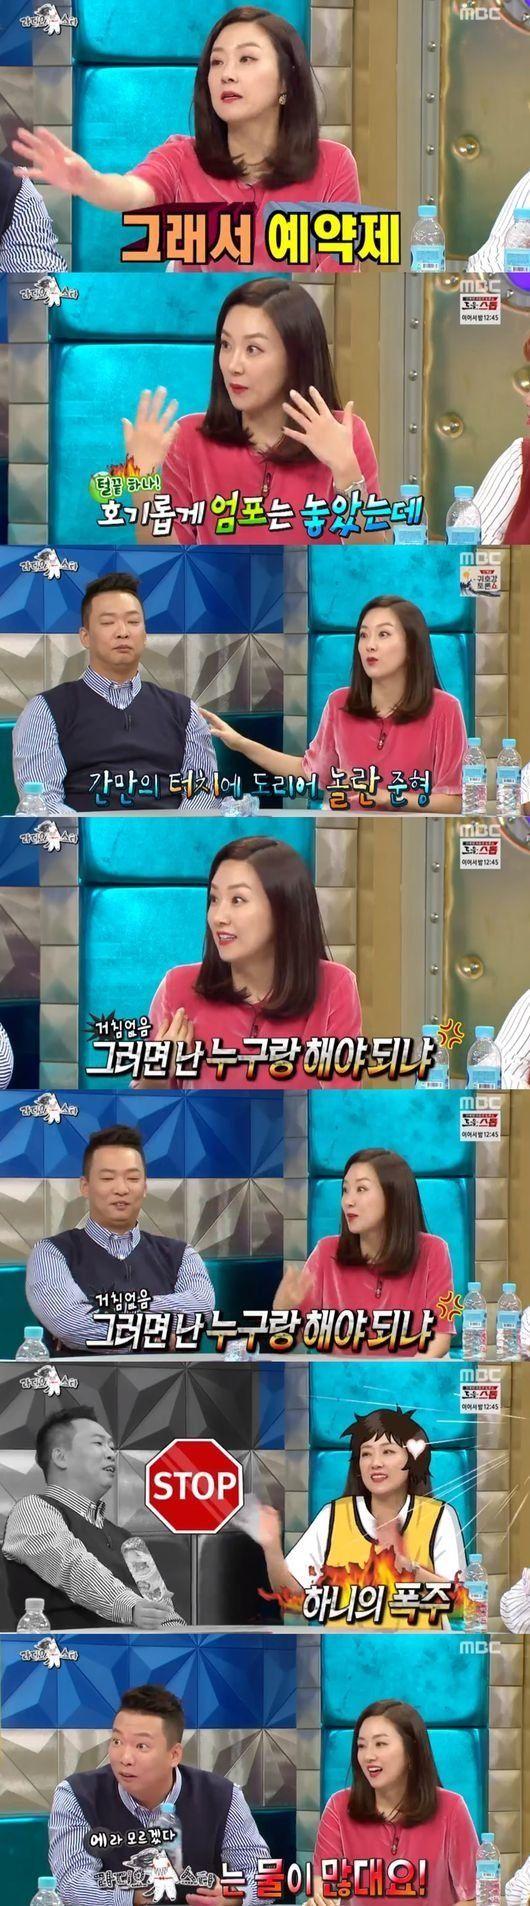 [어저께TV]'라스' 김지혜, 19금 토크